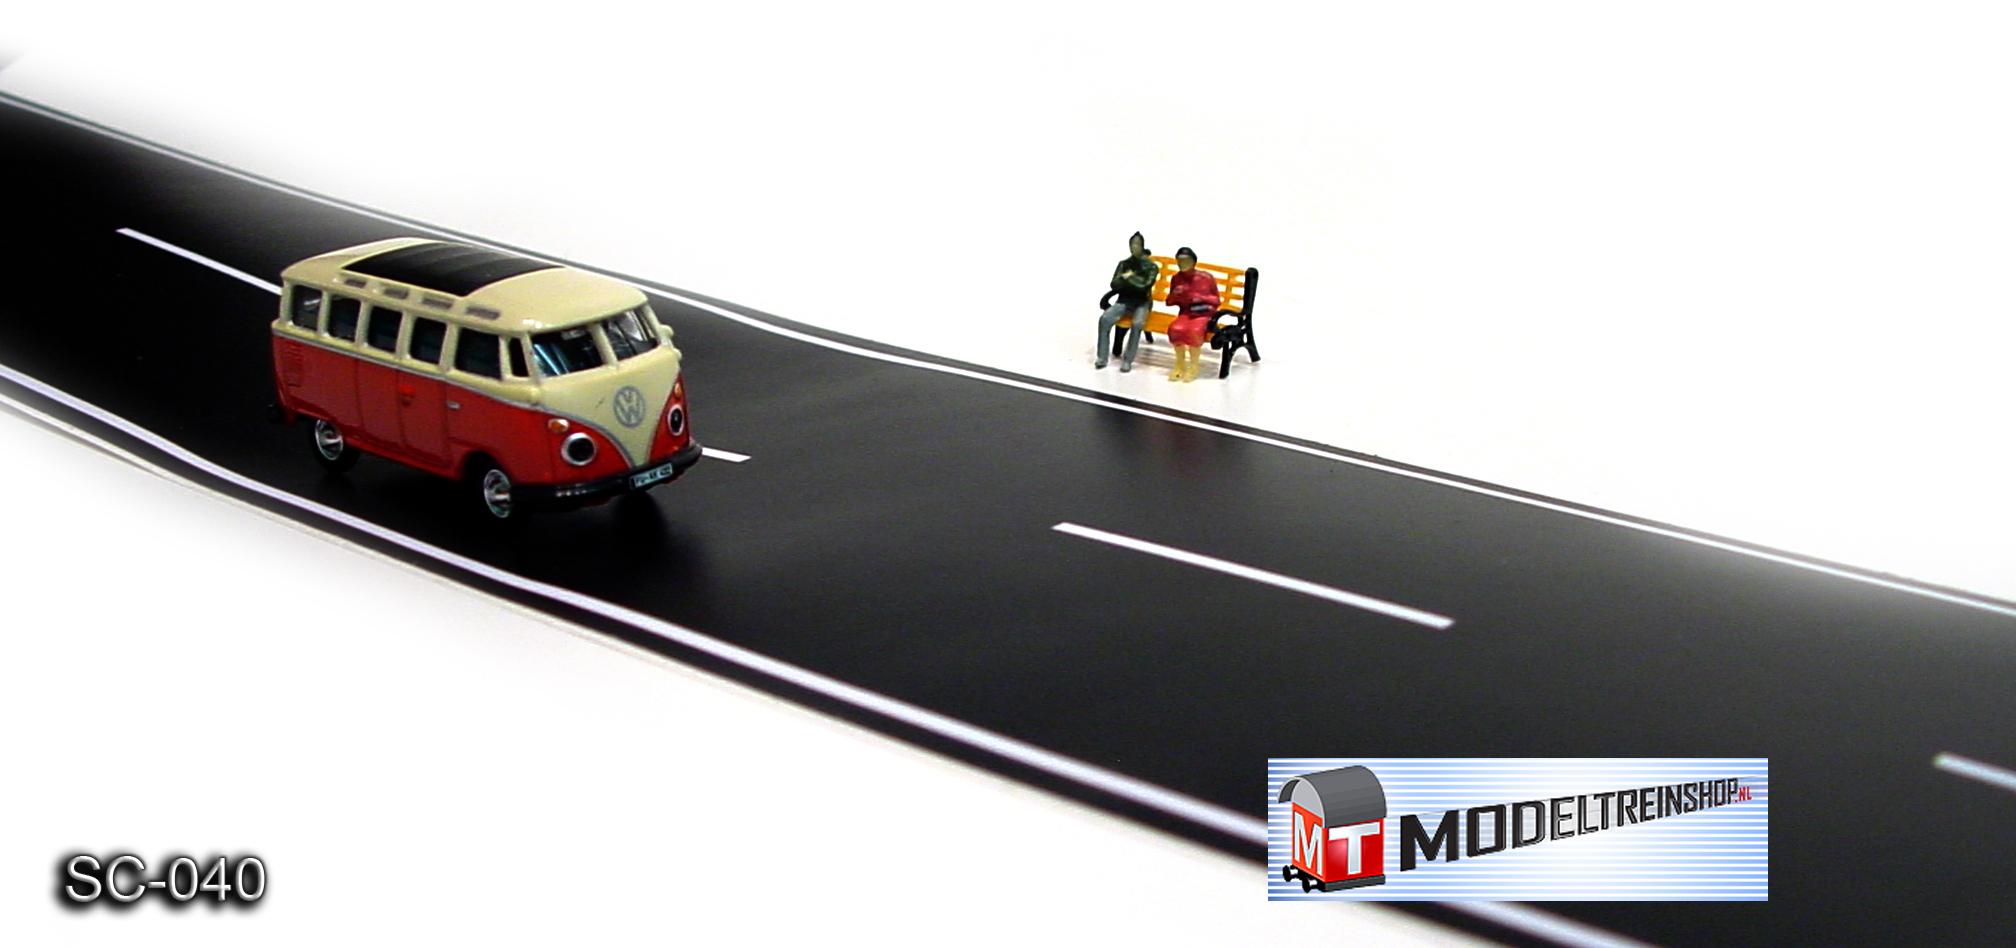 HO Schaal 1:87 - Weg Strip Zwart SC-040Z - Modeltreinshop